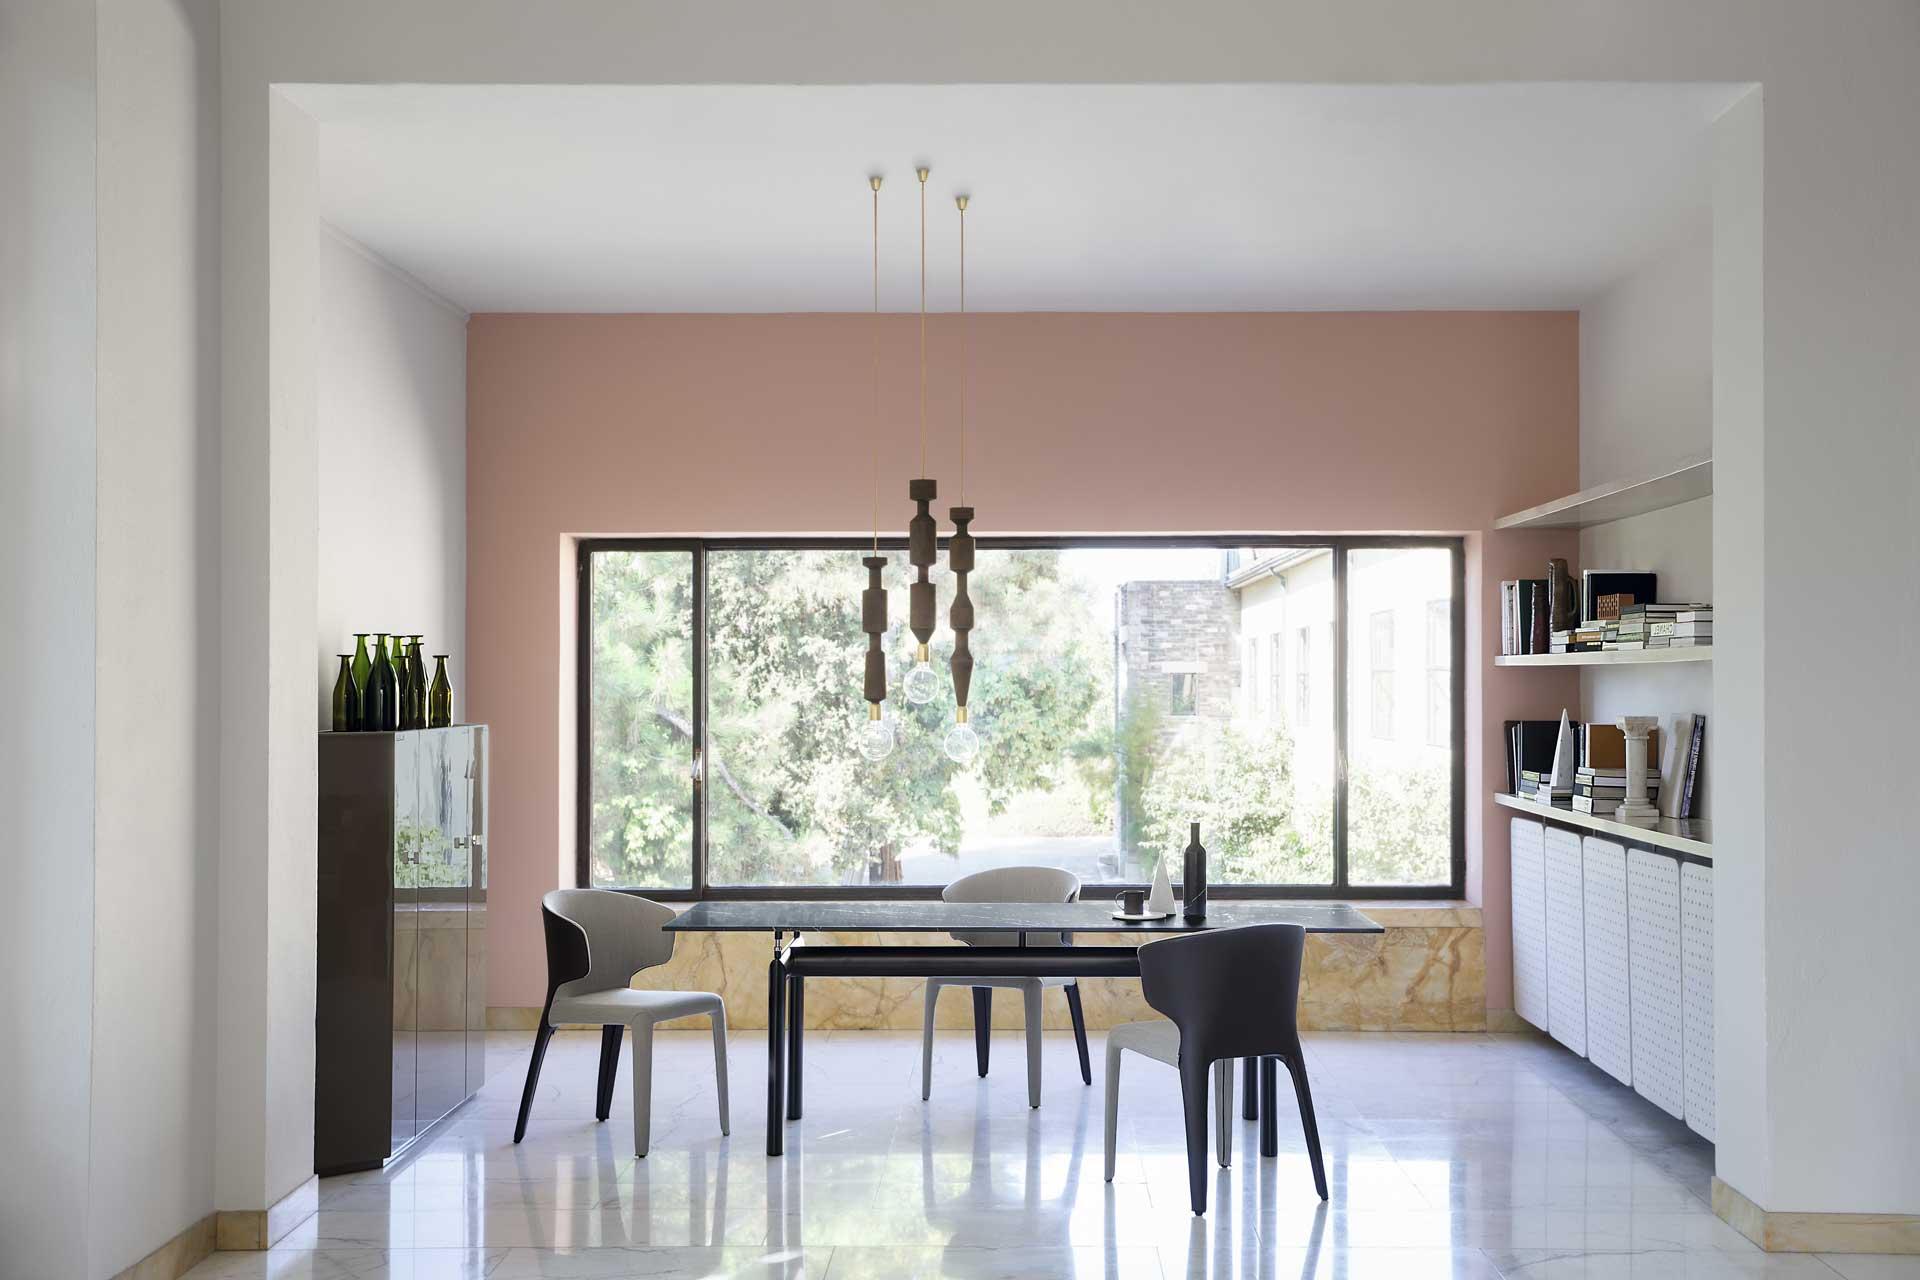 Tiendas De Muebles En Malaga Capital Jxdu Oboe Muebles De Diseà O Y Cocinas En Mà Laga Y Marbella Muebles De